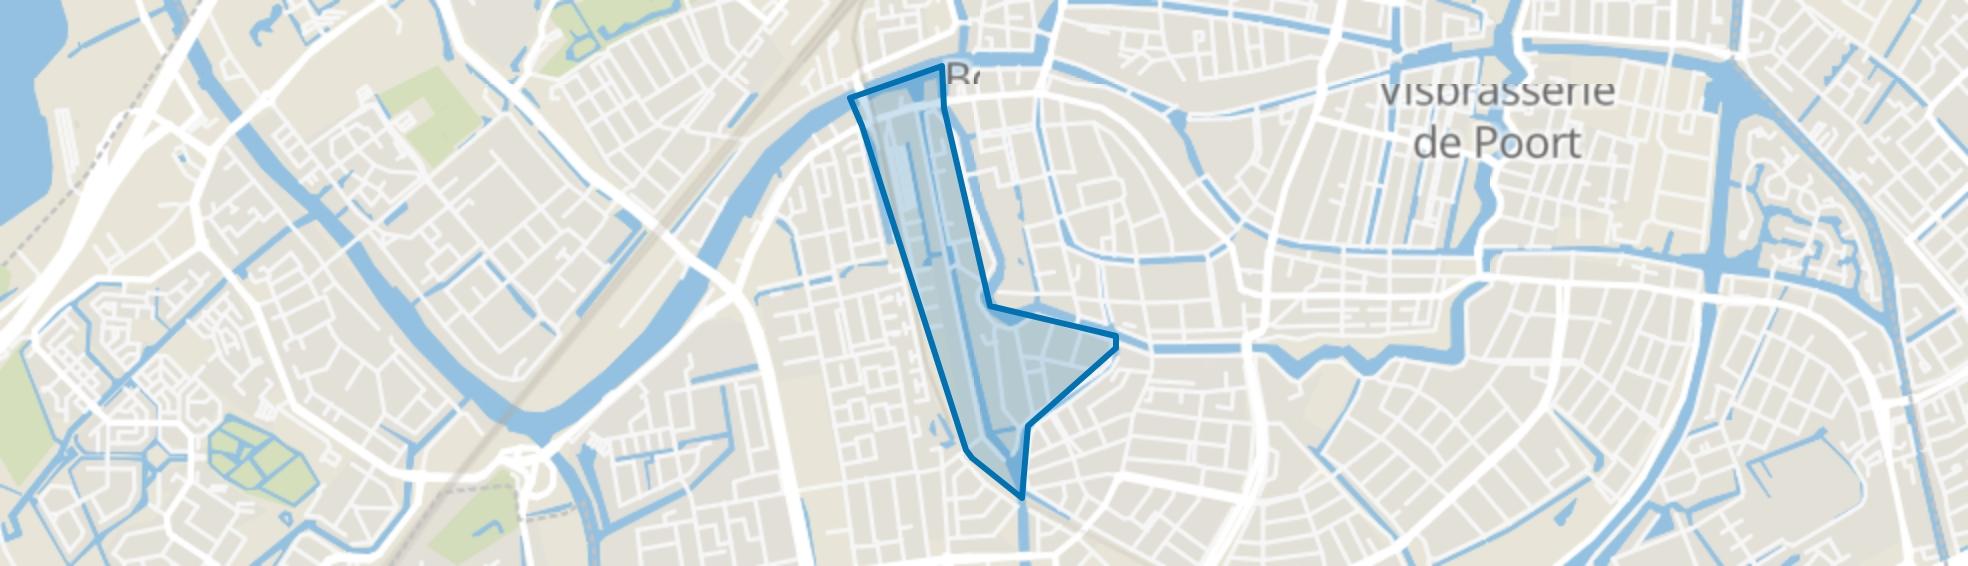 Vreewijk, Leiden map